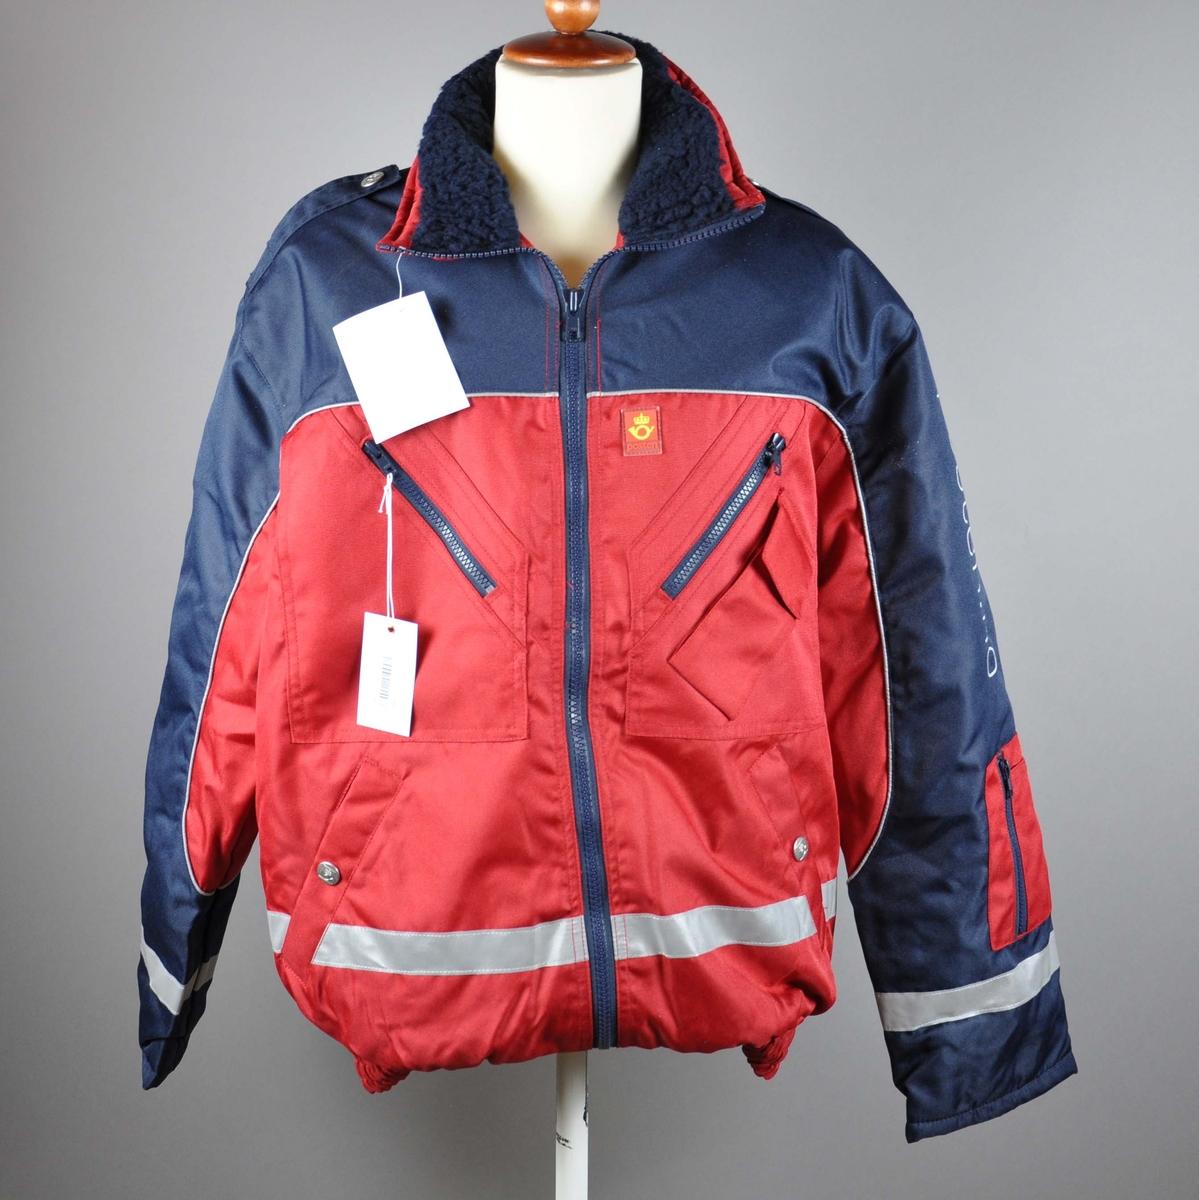 Uniformsjakke med påskrift og postlogo. Med hette og avtagbart for.Med 4 lommer og mobillomme og strikk i livet. Refleksbånd  i livet og på ermene